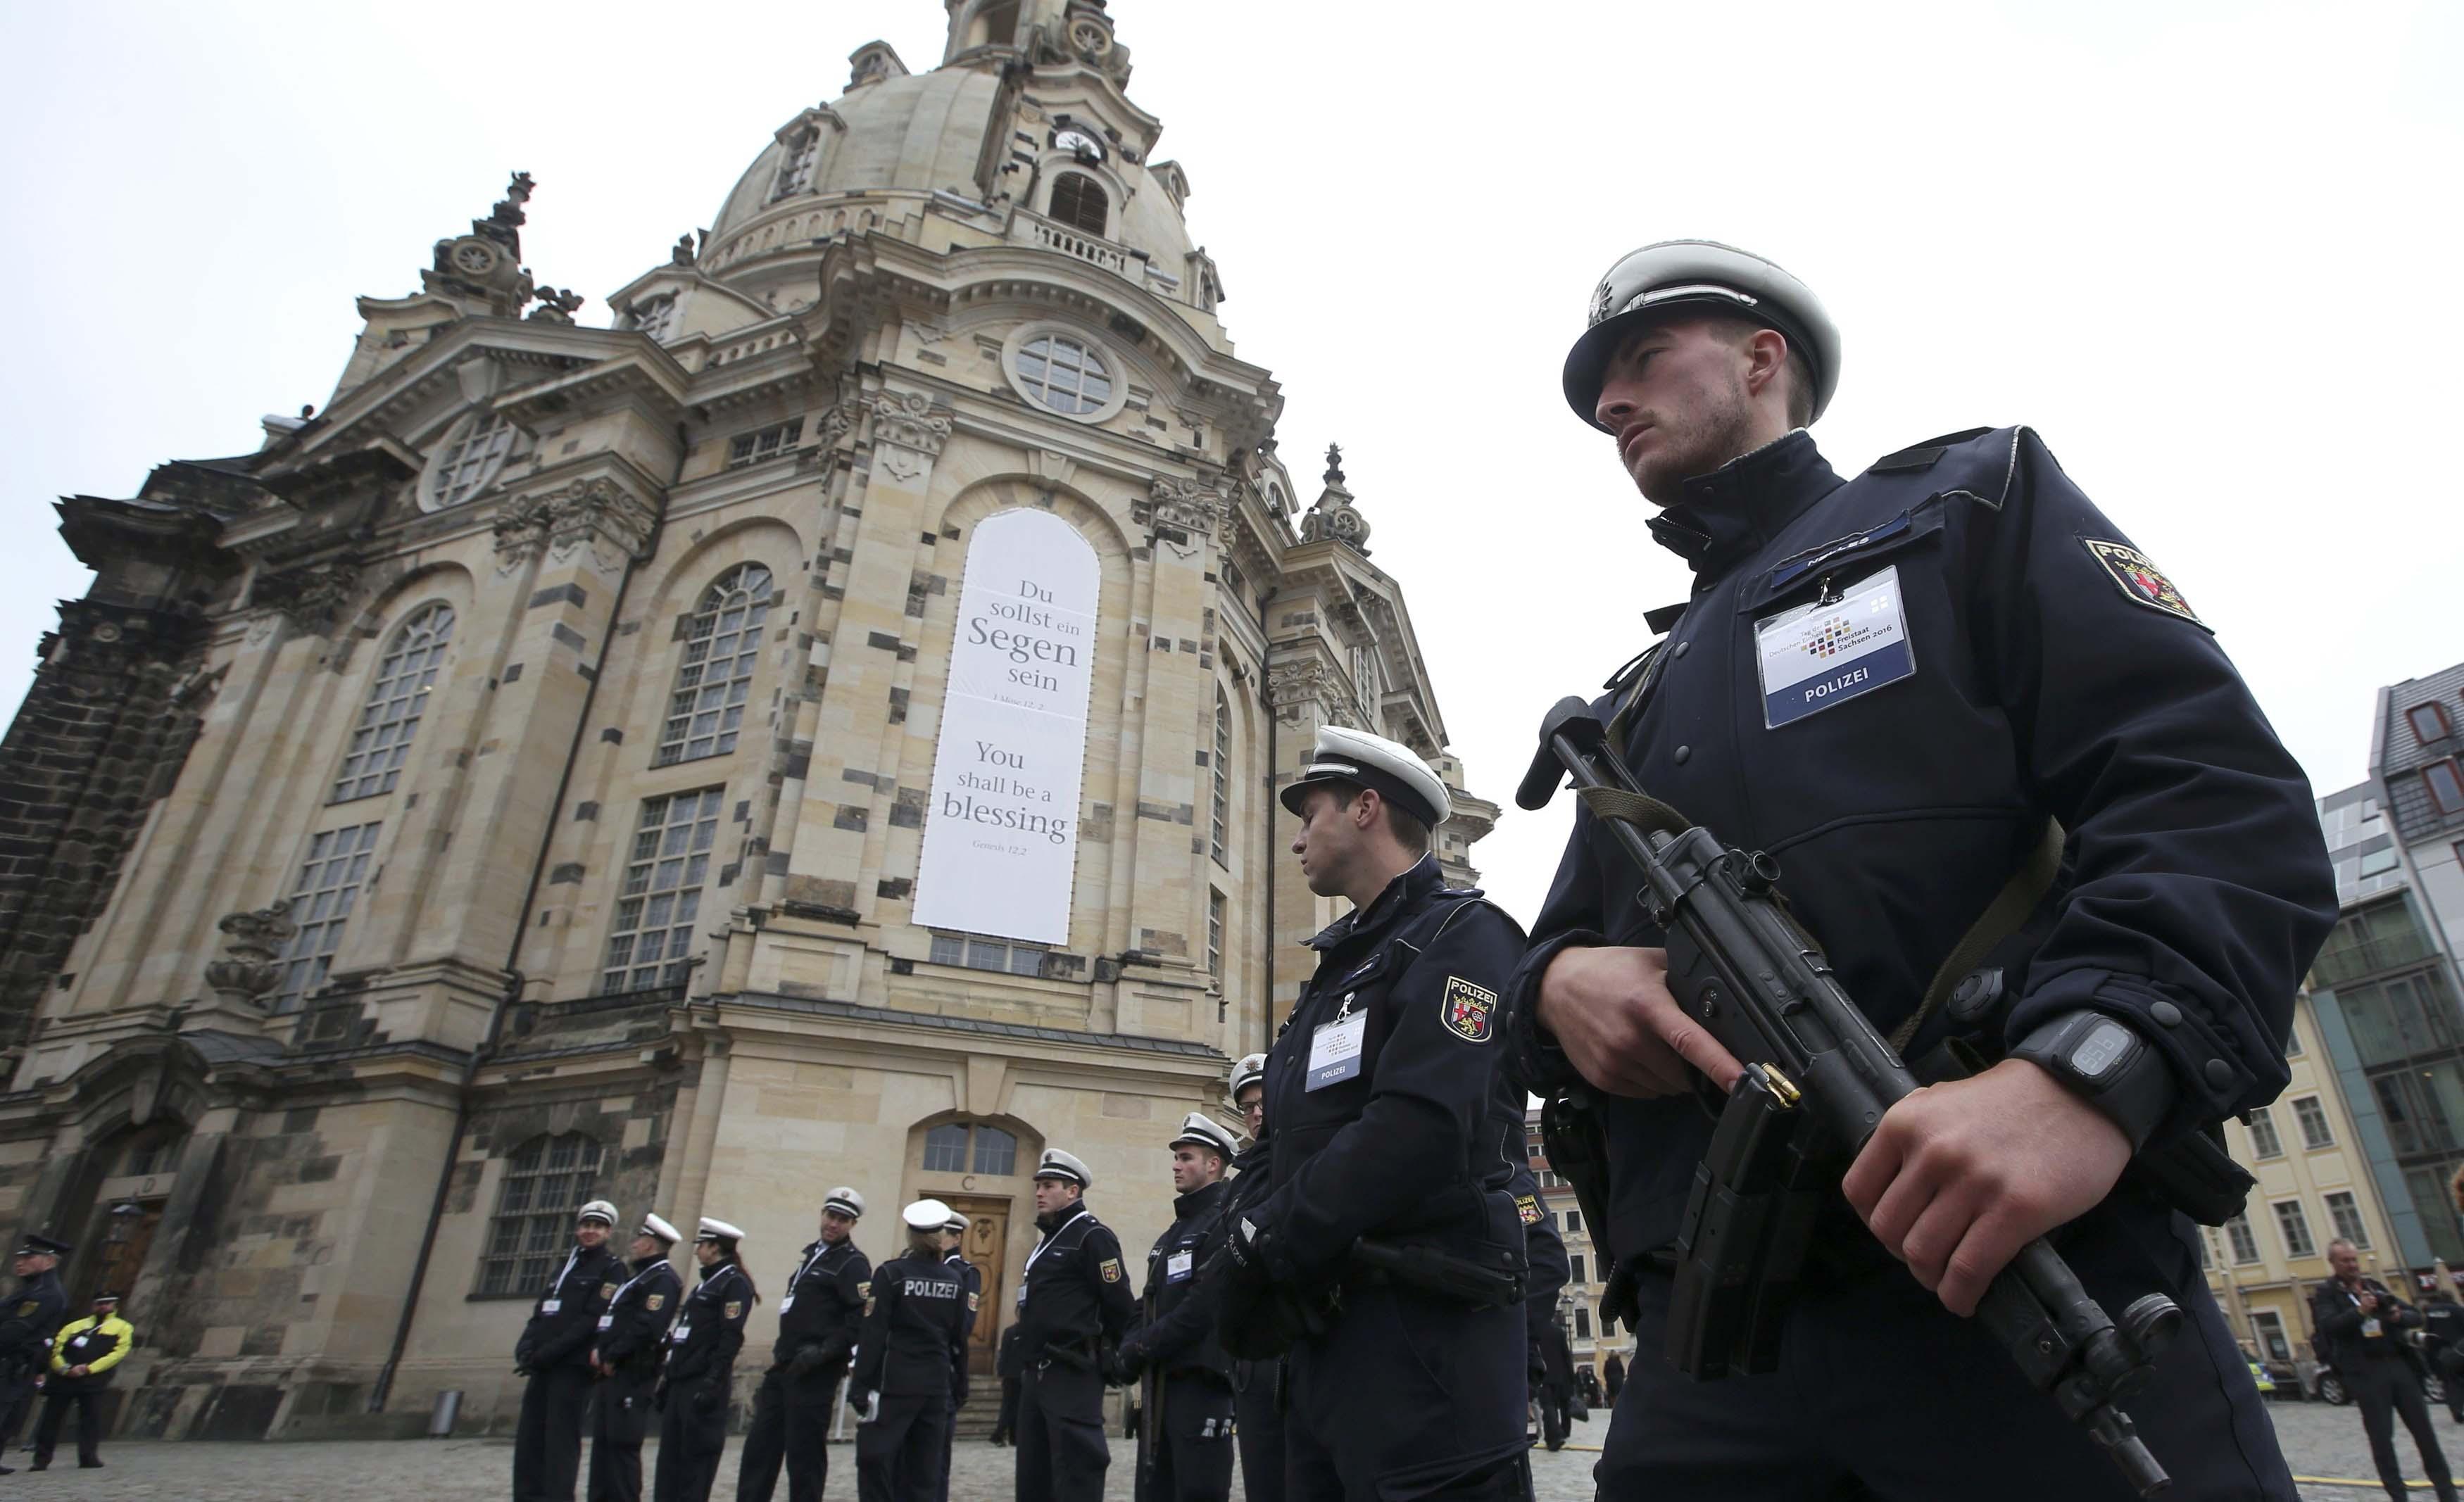 El hallazgo se realizó en el estado federado de Hesse al centro-oeste de Alemania